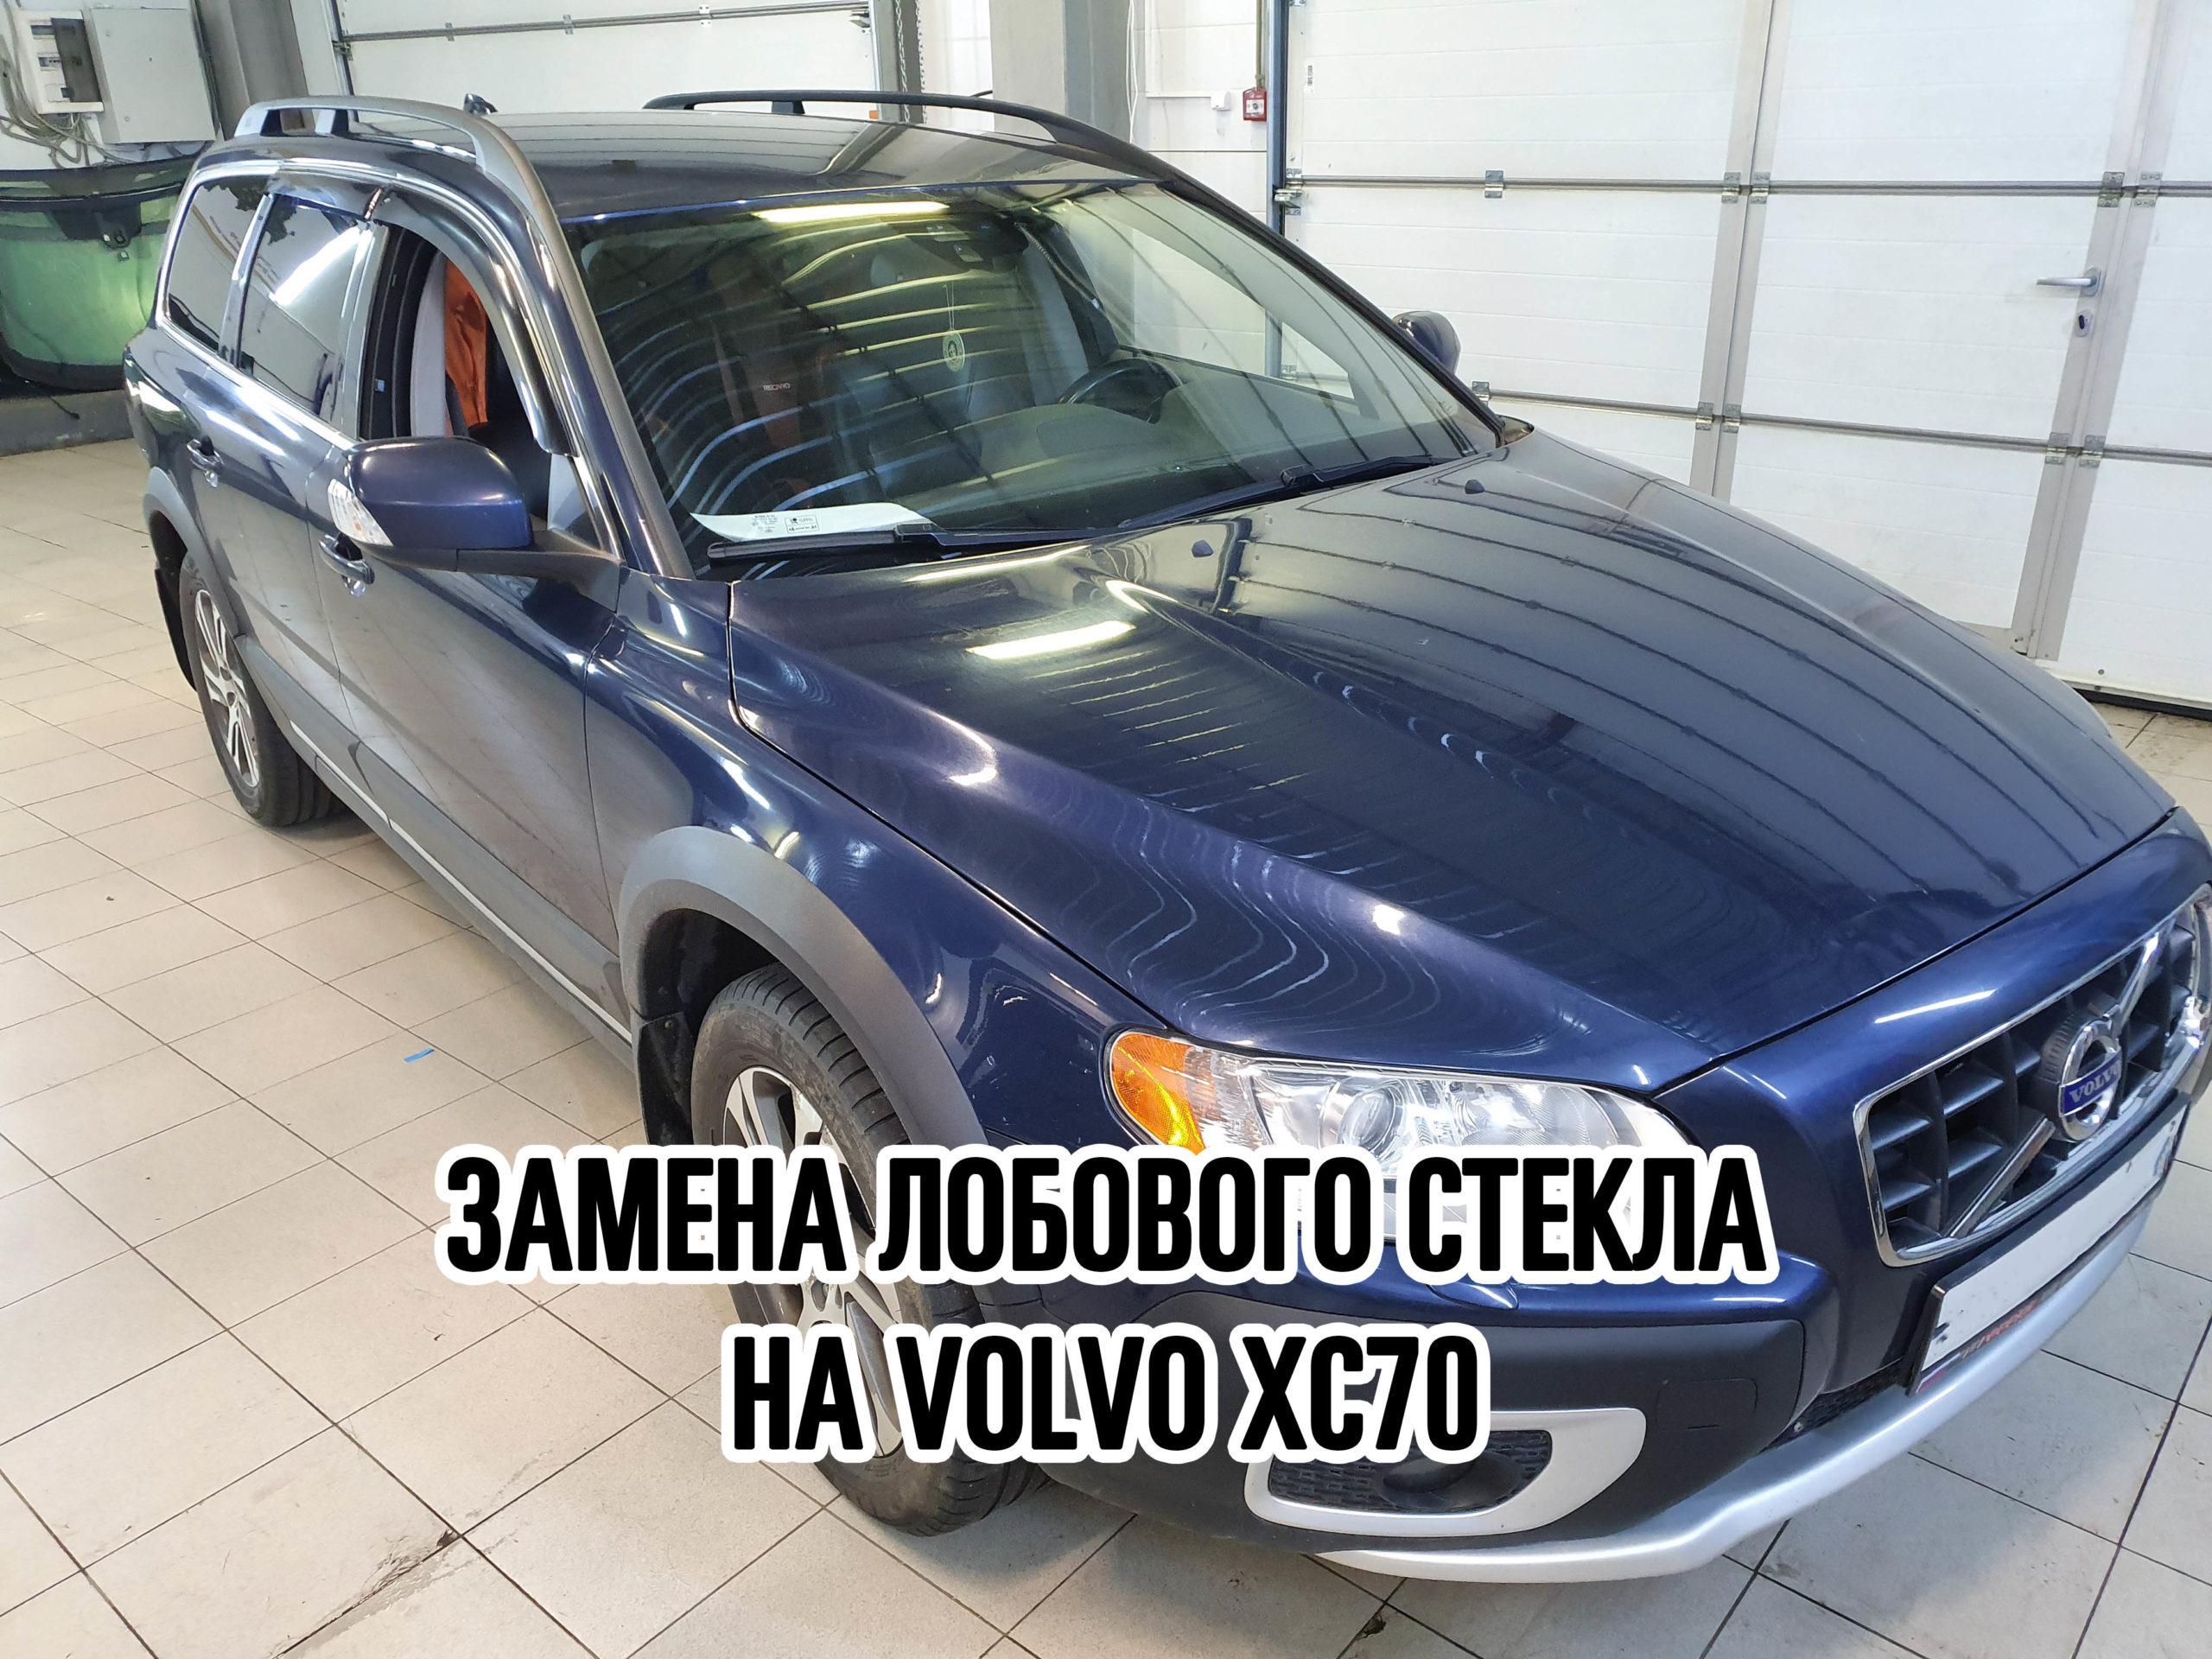 Лобовое стекло на Volvo XC70 купить и установить в Москве